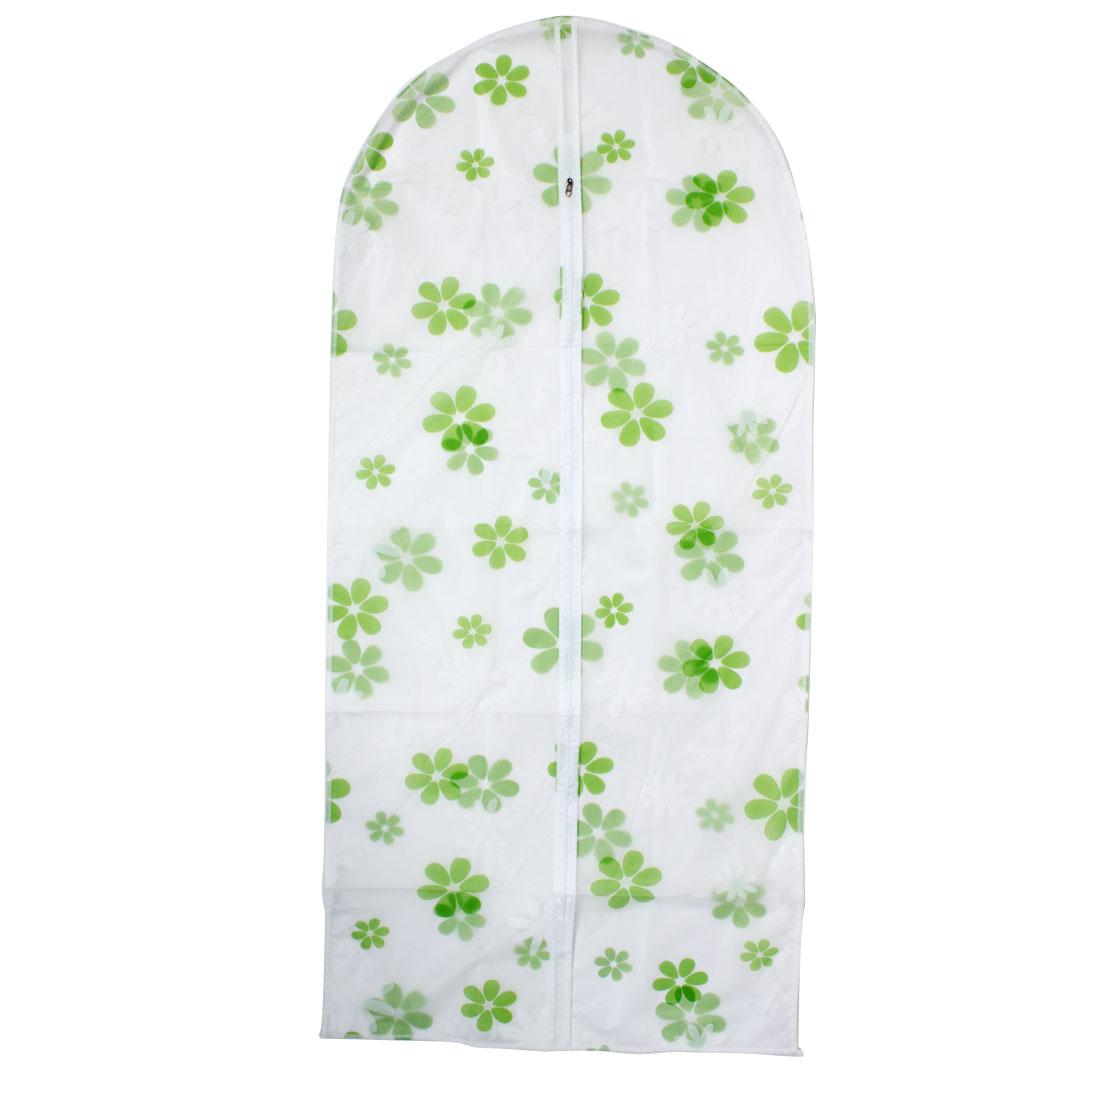 Clothes Suit Garment PEVA Flower Pattern Dustproof Cover Bag 130cm x 60cm